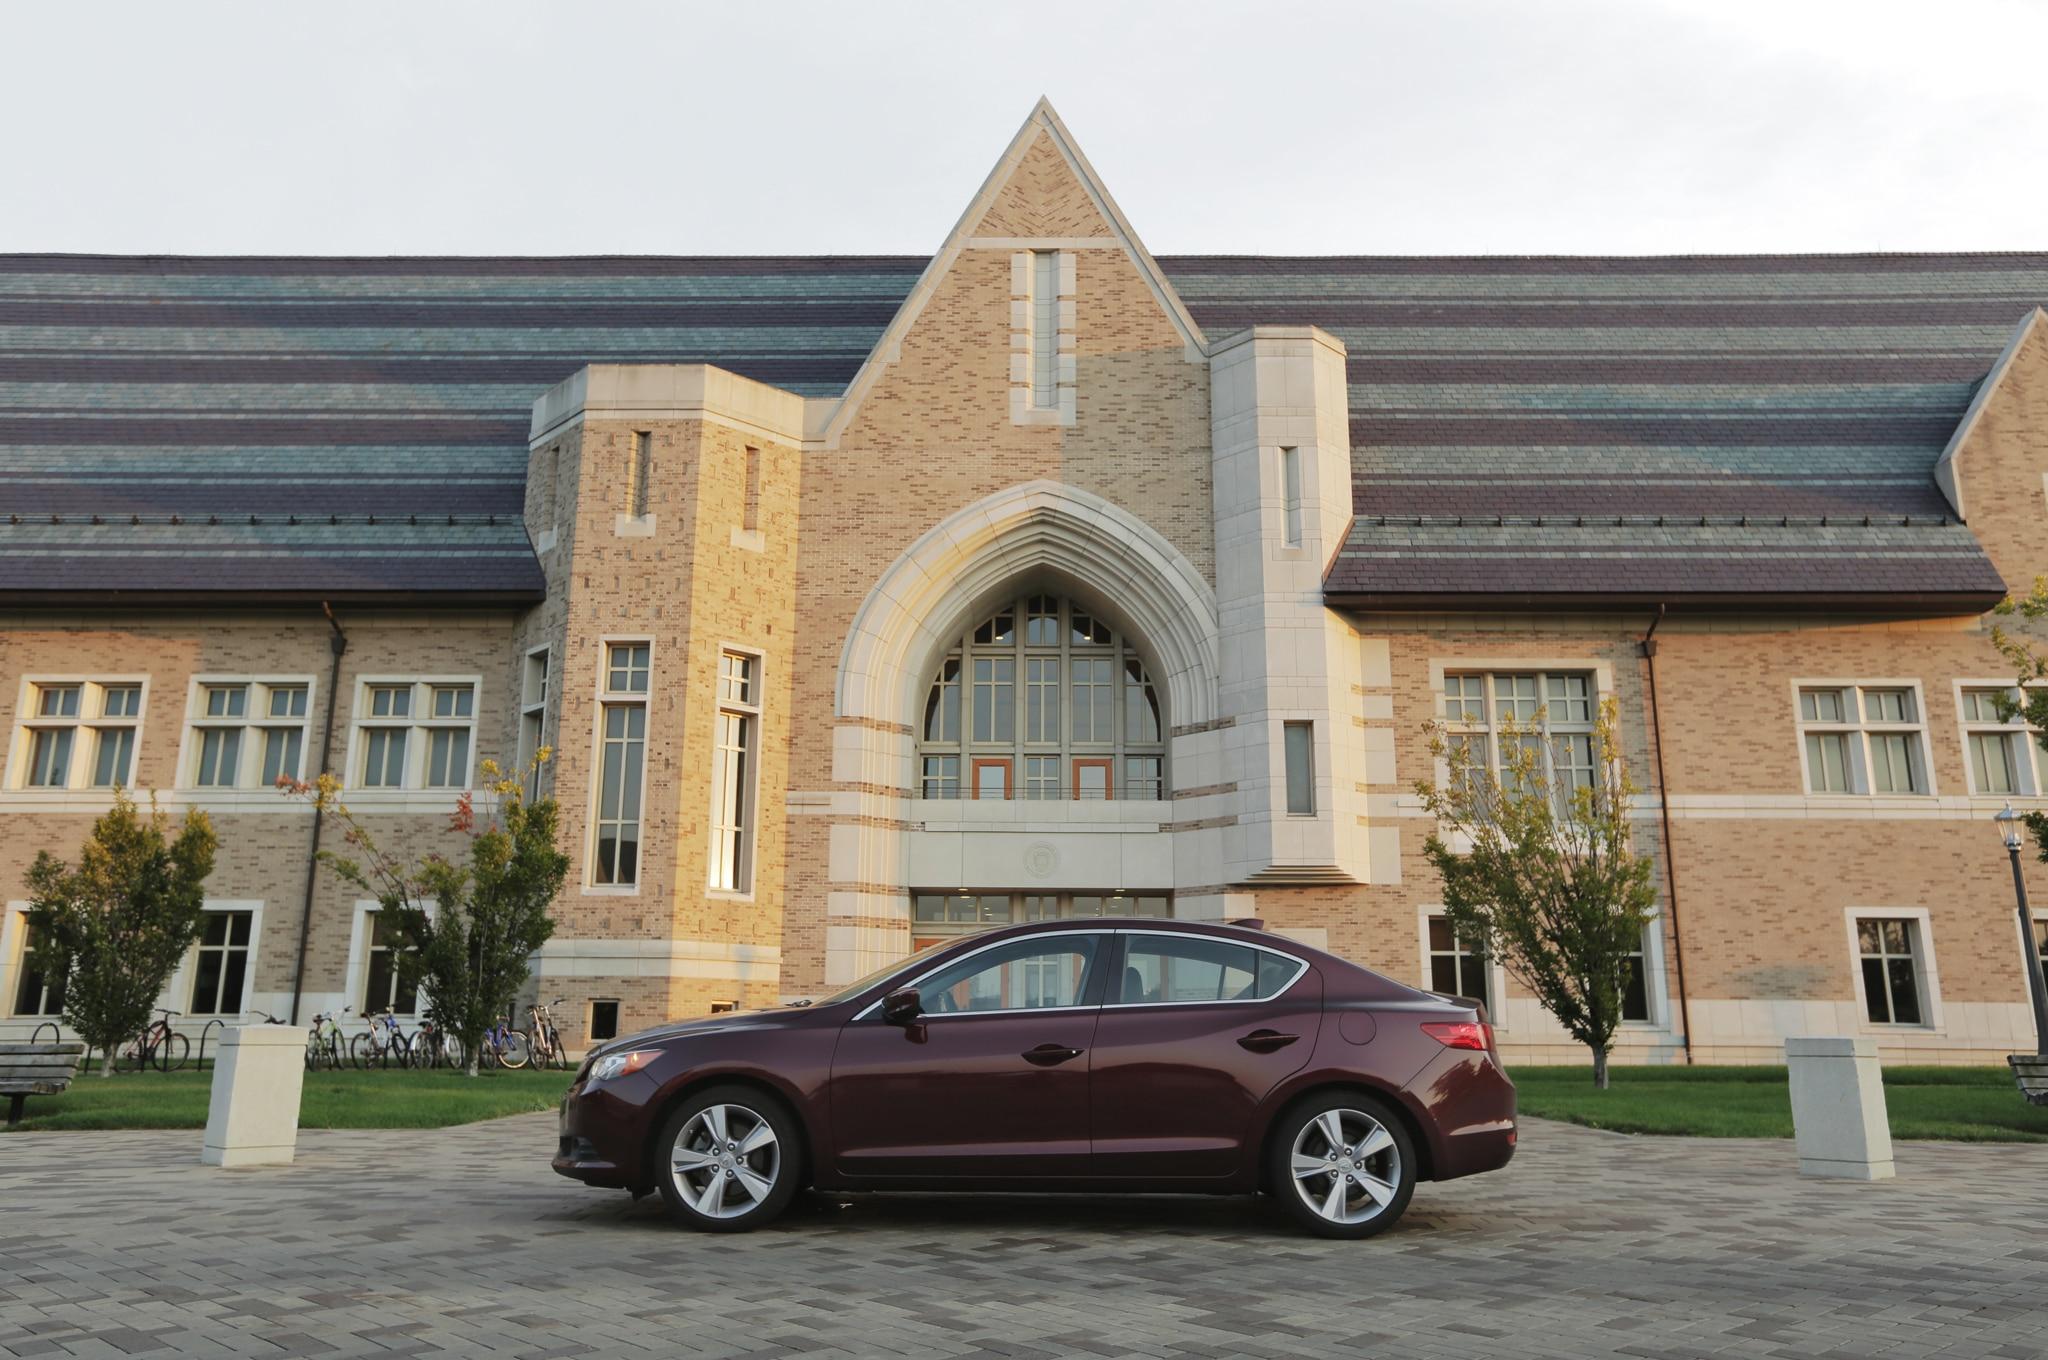 2013 Acura ILX Profile View1